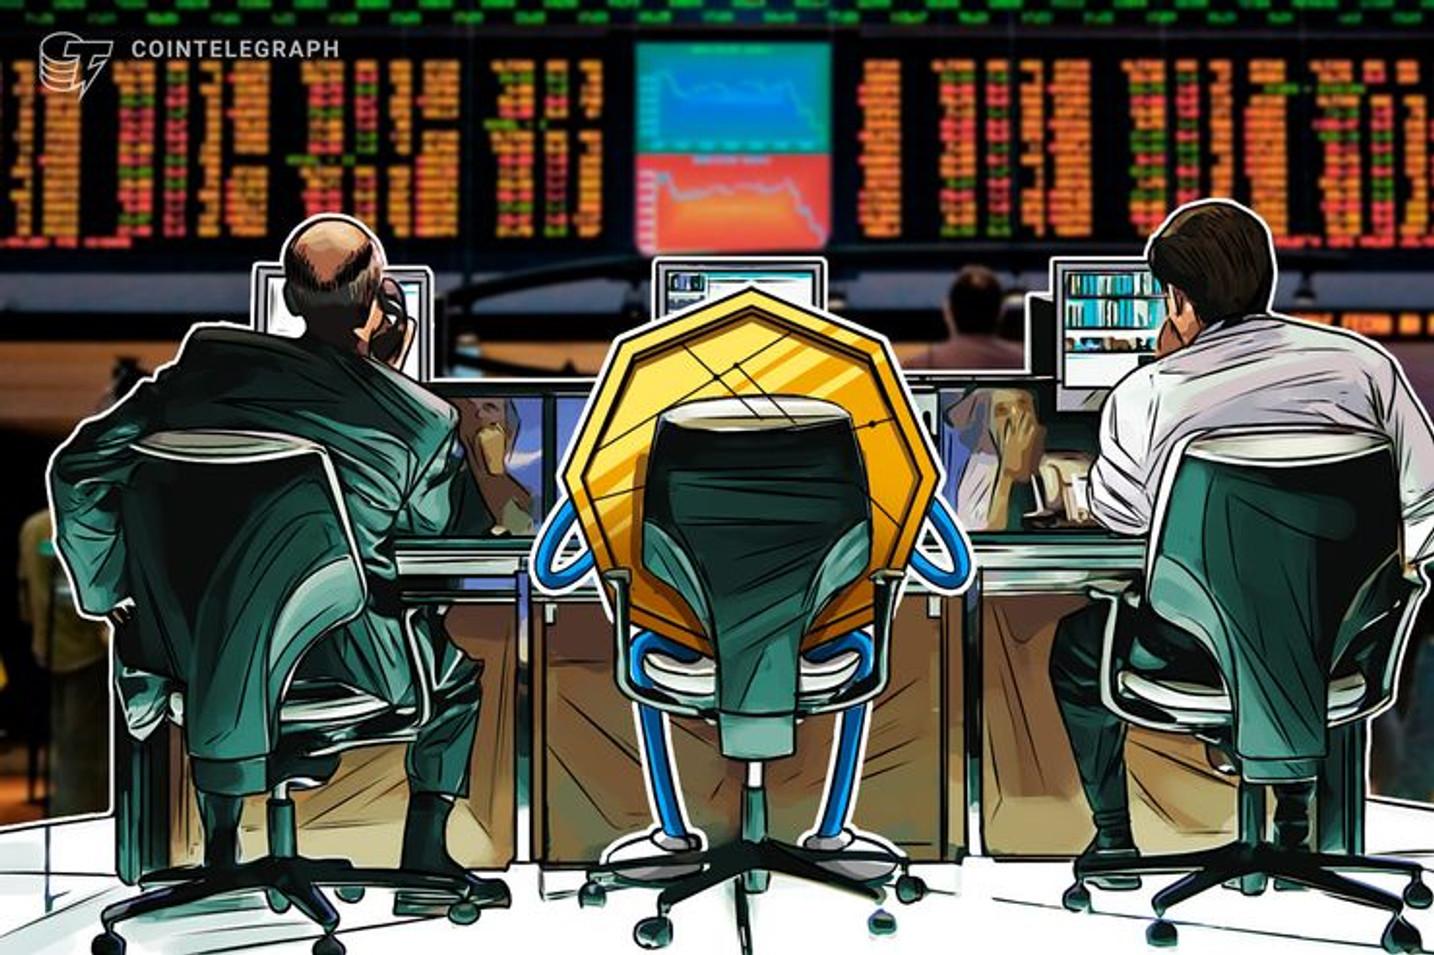 Apesar de queda, Bitcoin tem desempenho superior aos principais papéis da Bovespa em 2020